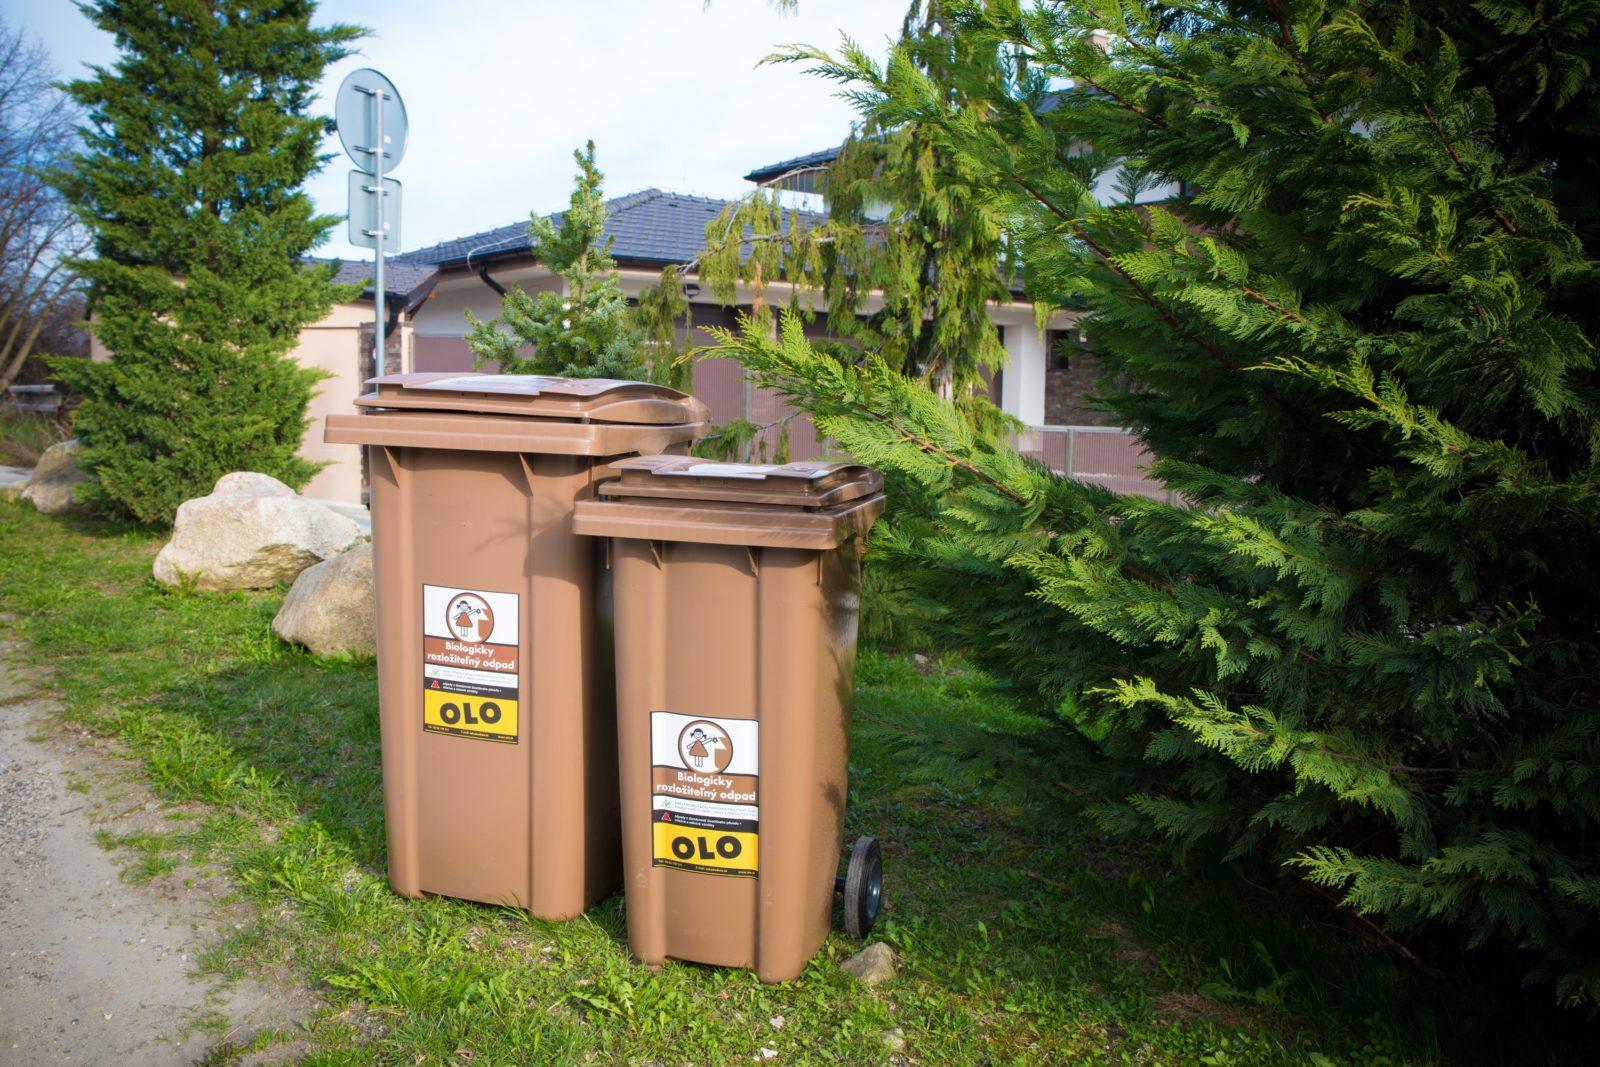 Mestská spoločnosť OLO začne s odvozom bio odpadu z hnedých zberných nádob od 1. 3. 2019